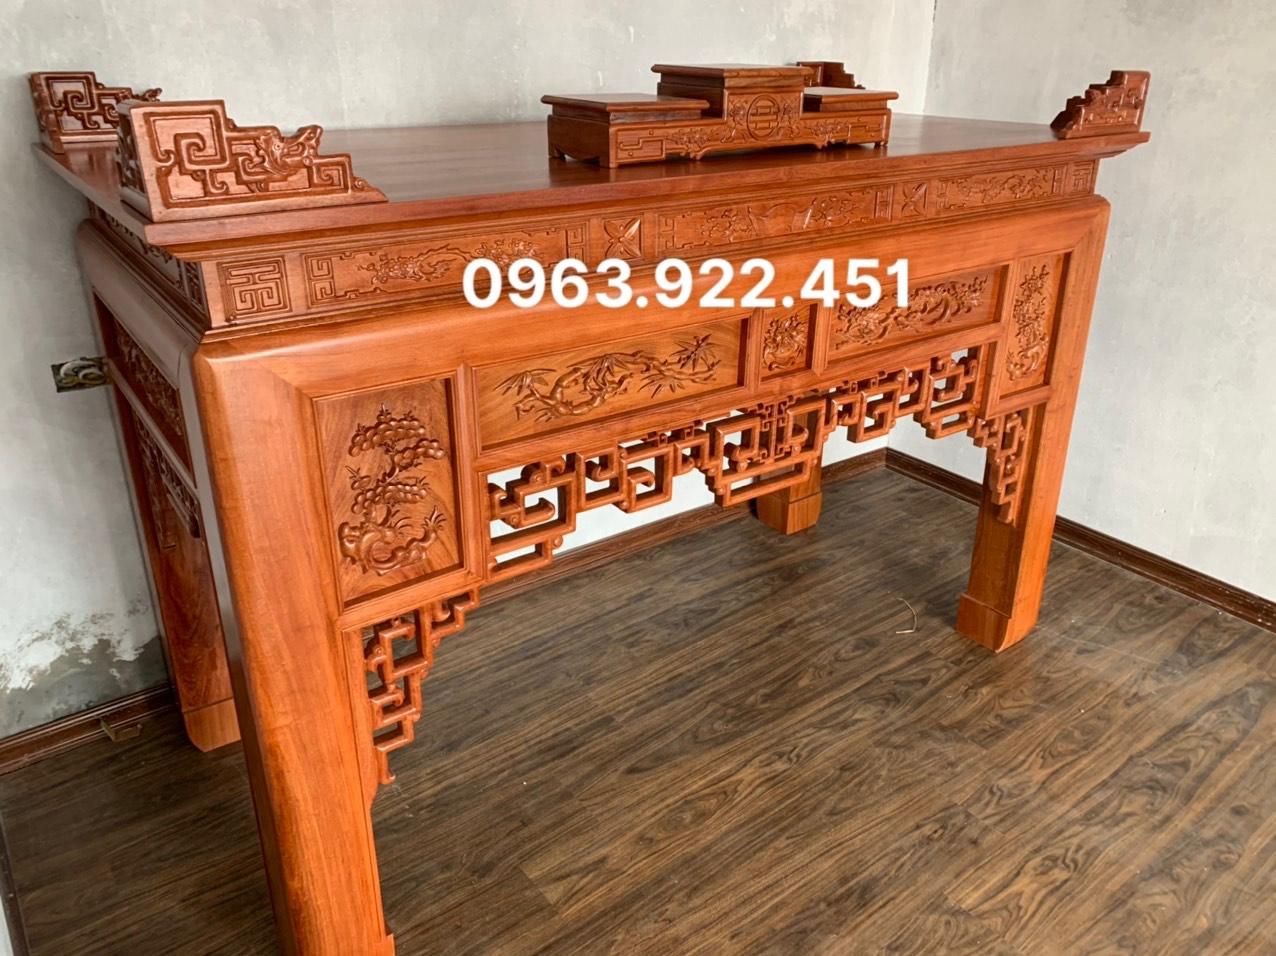 z2525098591891 8de4c77e1e91737a8a753acc1243258f - Án gian thờ gỗ hương đá chân 14 mẫu đục 5 ô (hàng đặt)